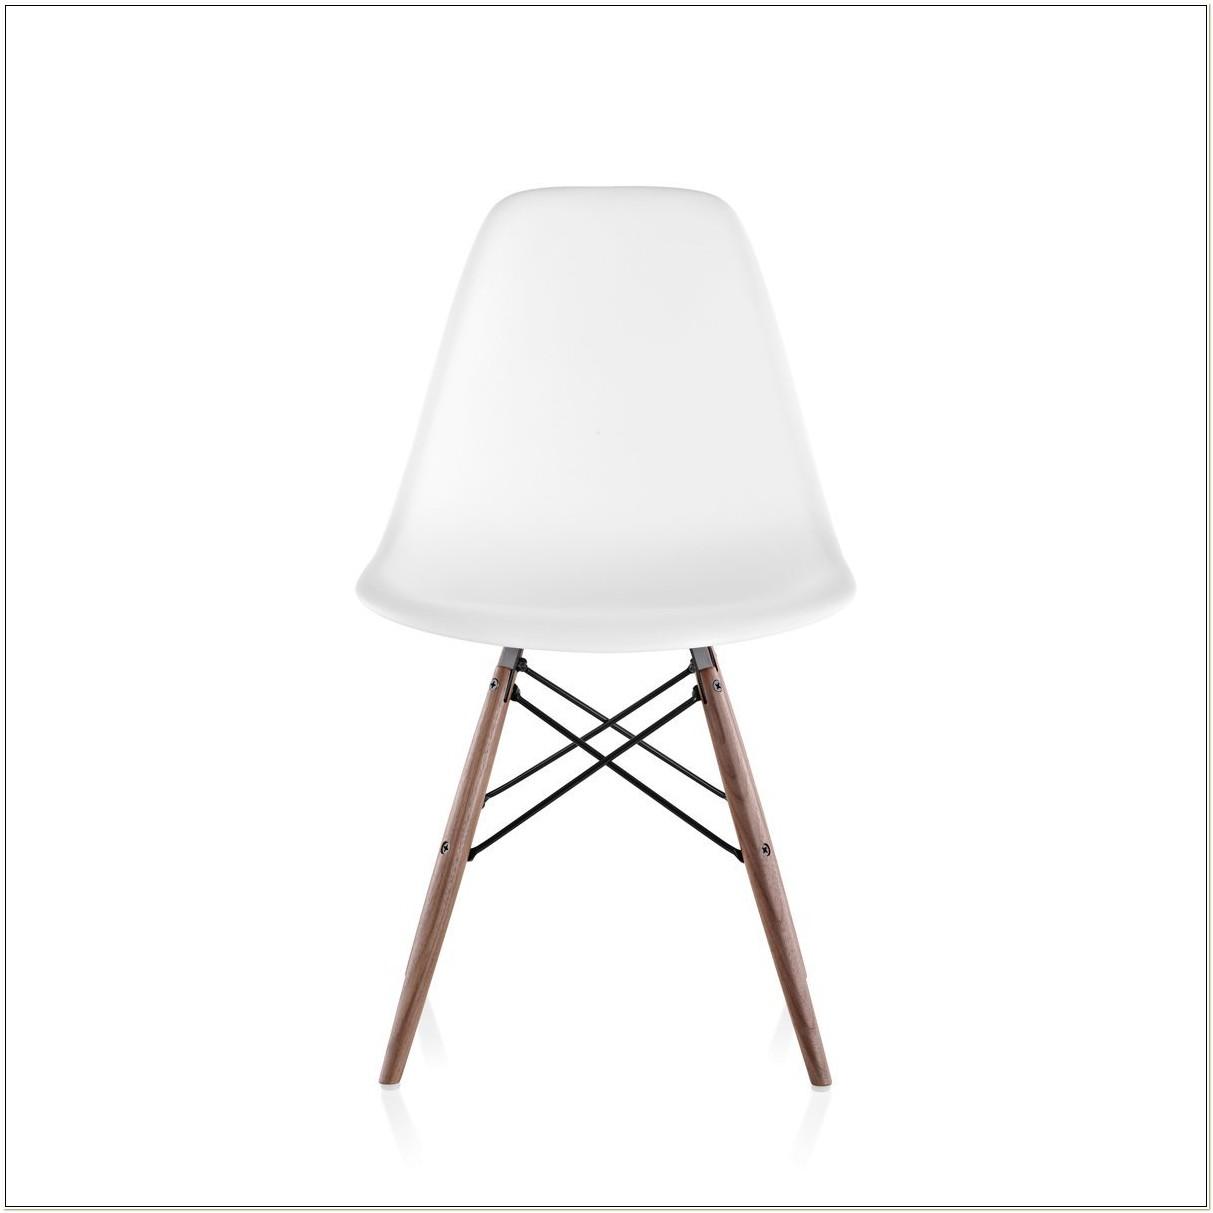 Herman Miller White Plastic Chair